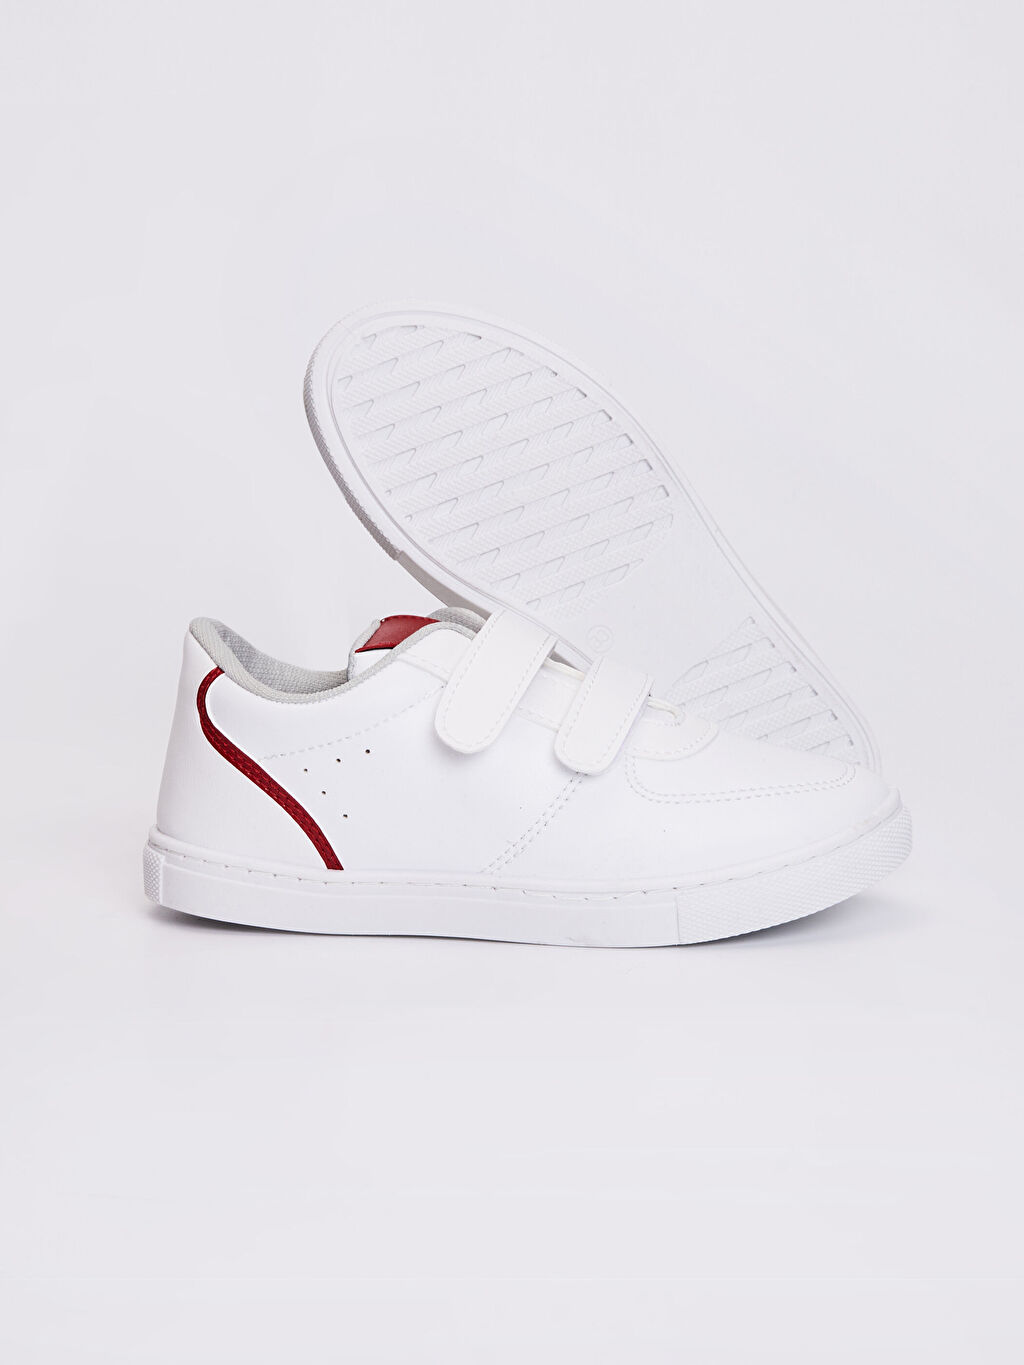 Erkek Çocuk Erkek Çocuk 31-38 Numara Cırt Cırtlı Sneaker